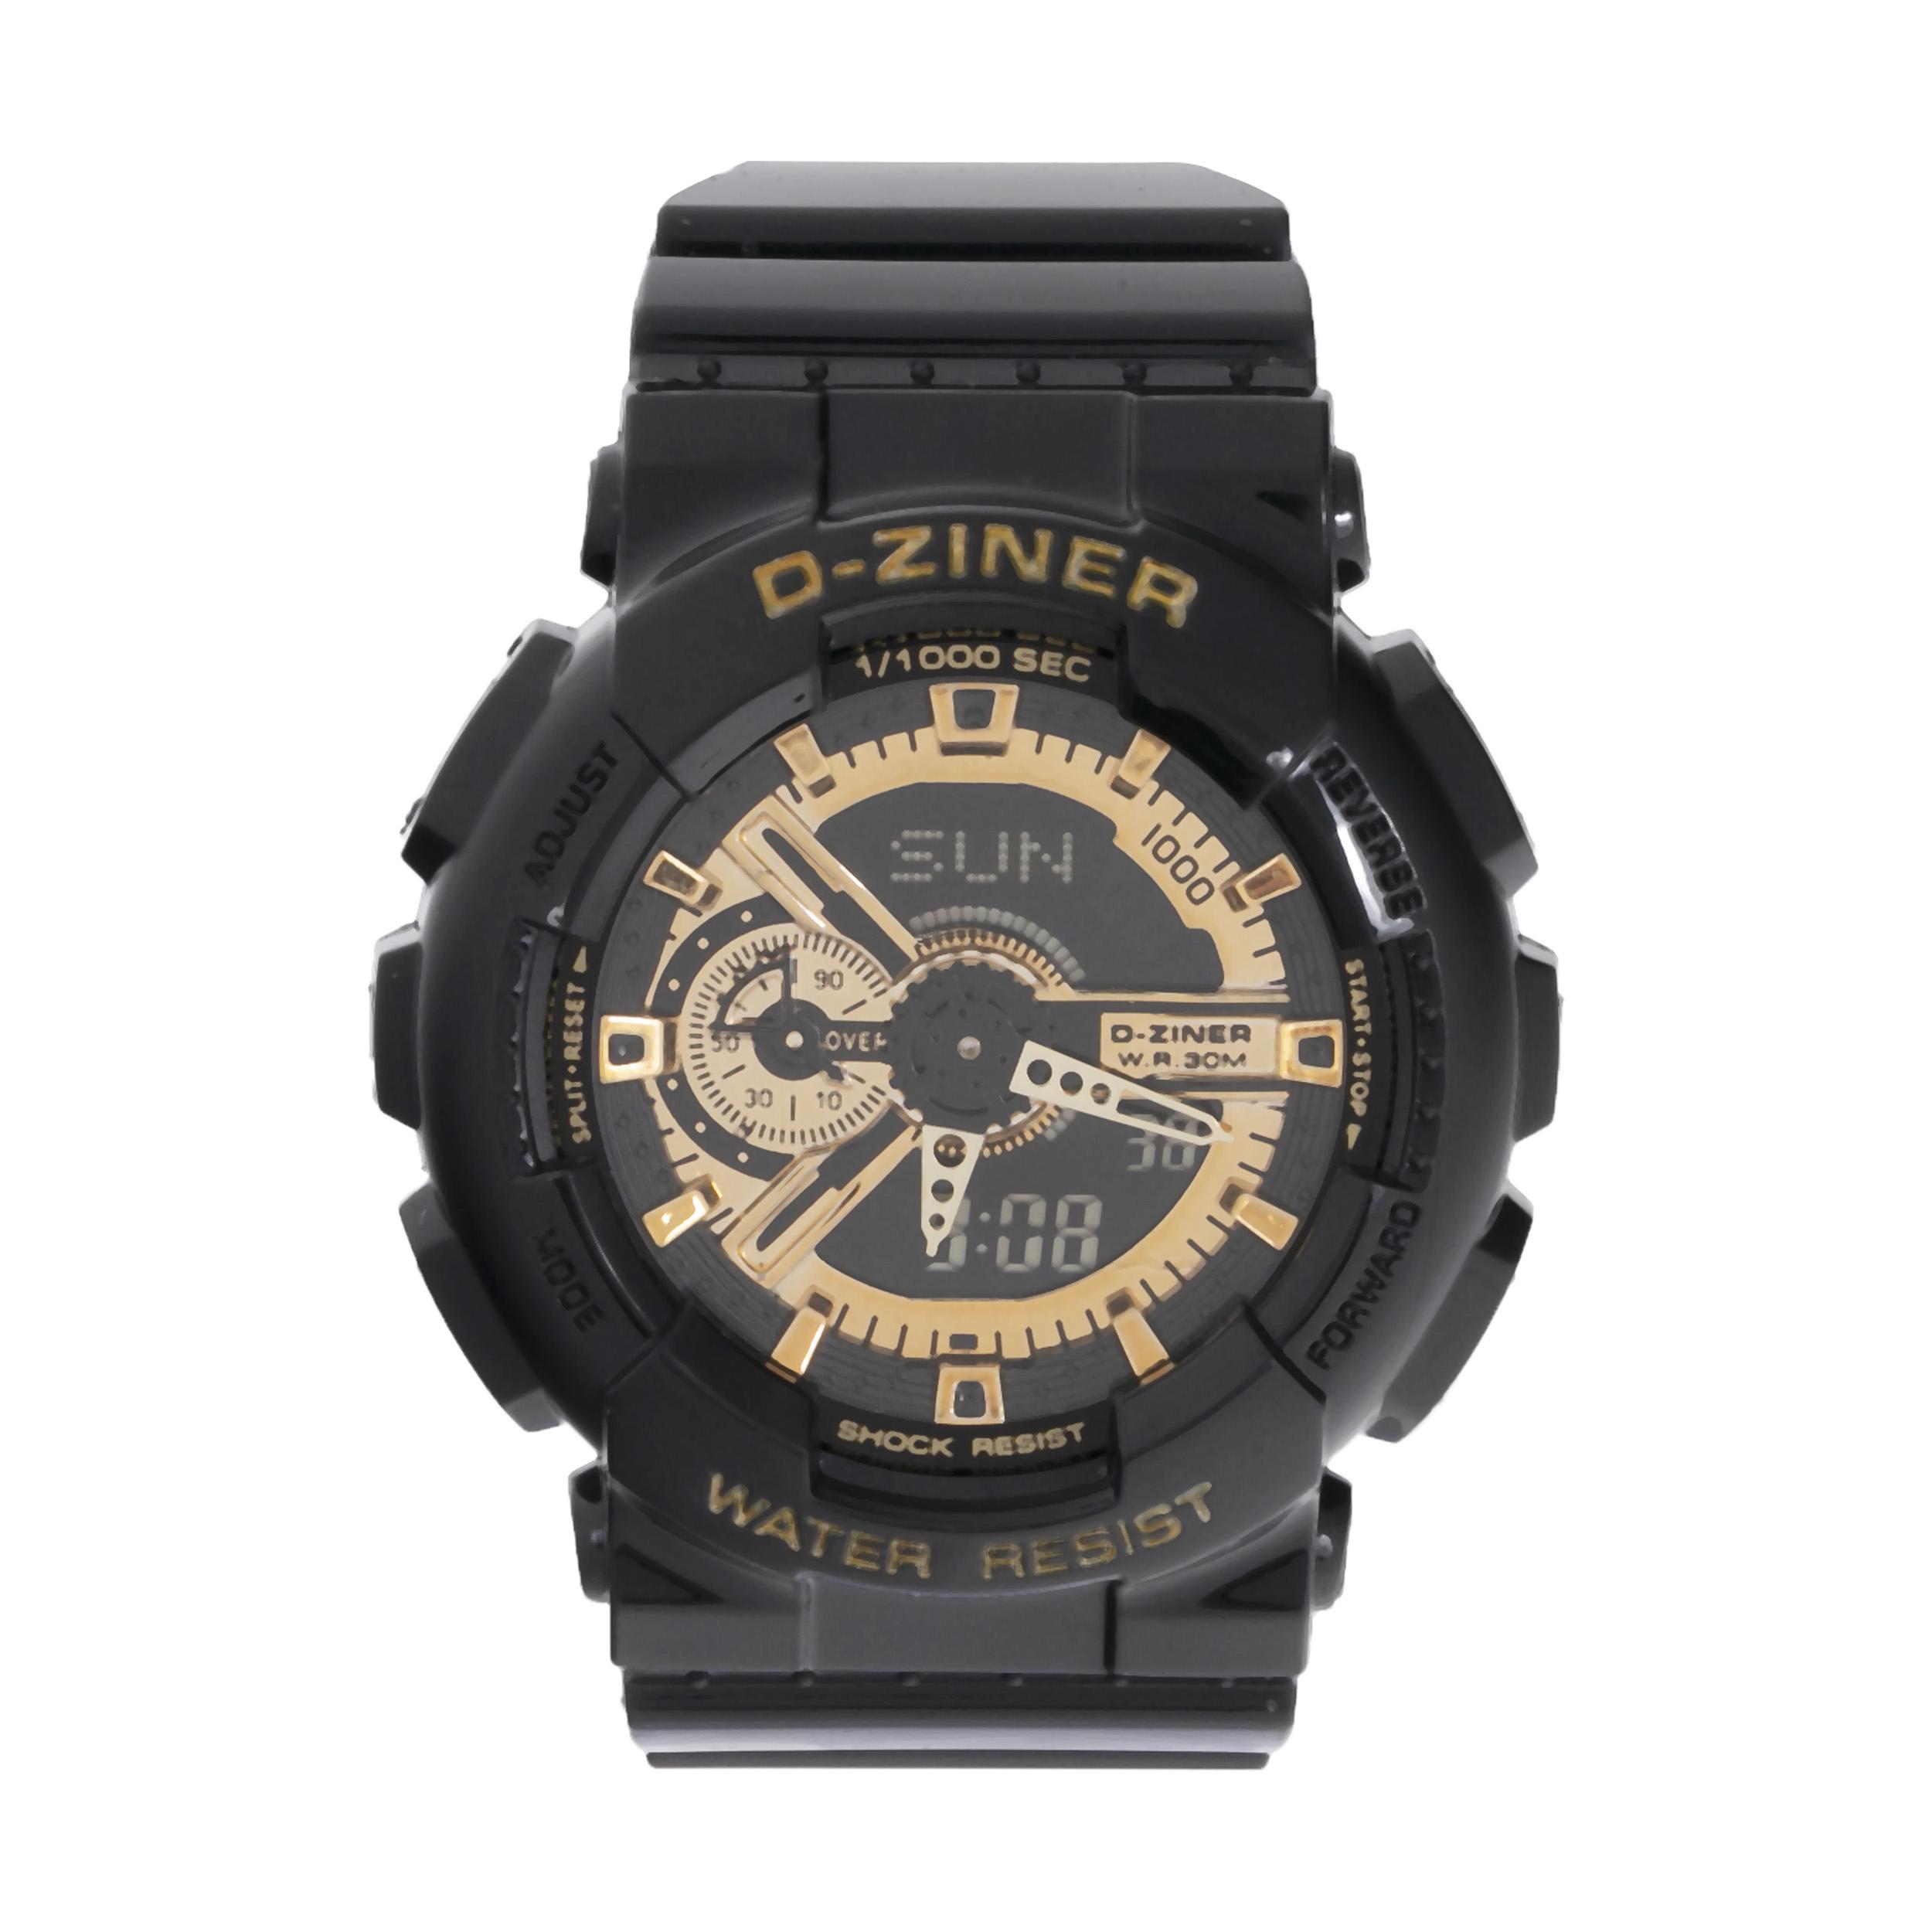 ساعت مچی عقربه ای مردانه دیزاینر مدل D-Z7026 33